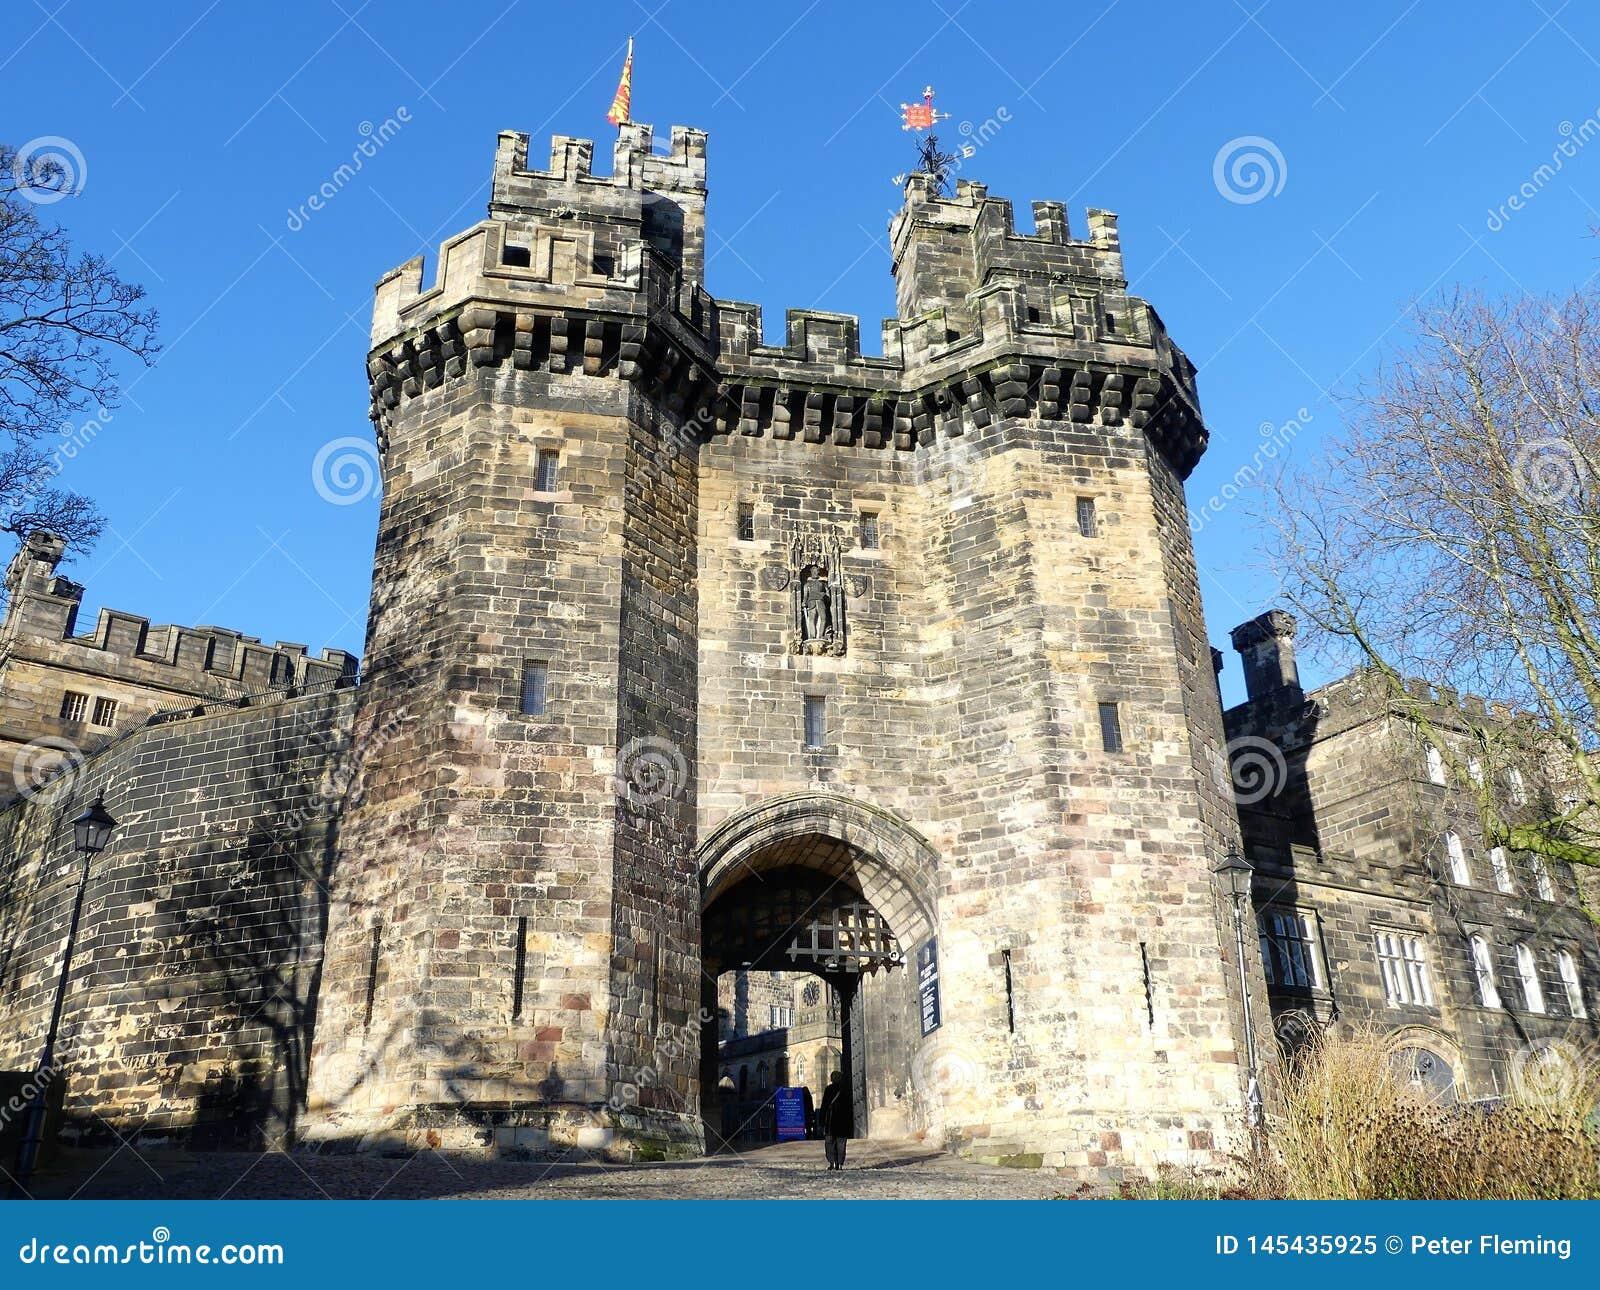 Castillo de Lancaster, un castillo medieval en Lancaster en el condado inglés de Lancashire